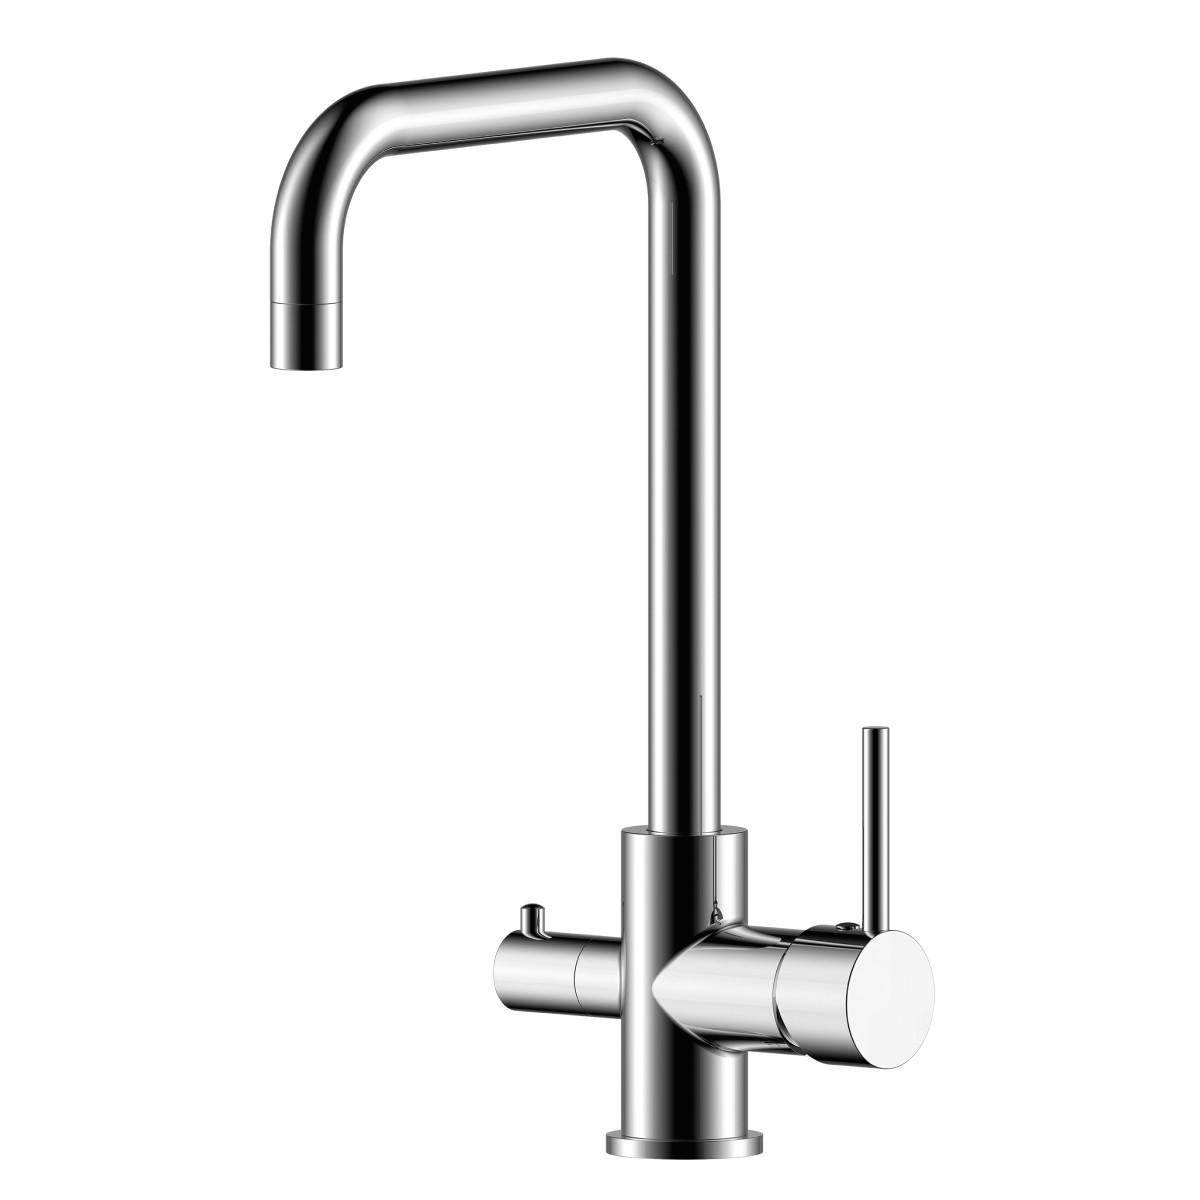 Смеситель Rossinka Silvermix Z35-29 для кухни с каналом для фильтрованной воды